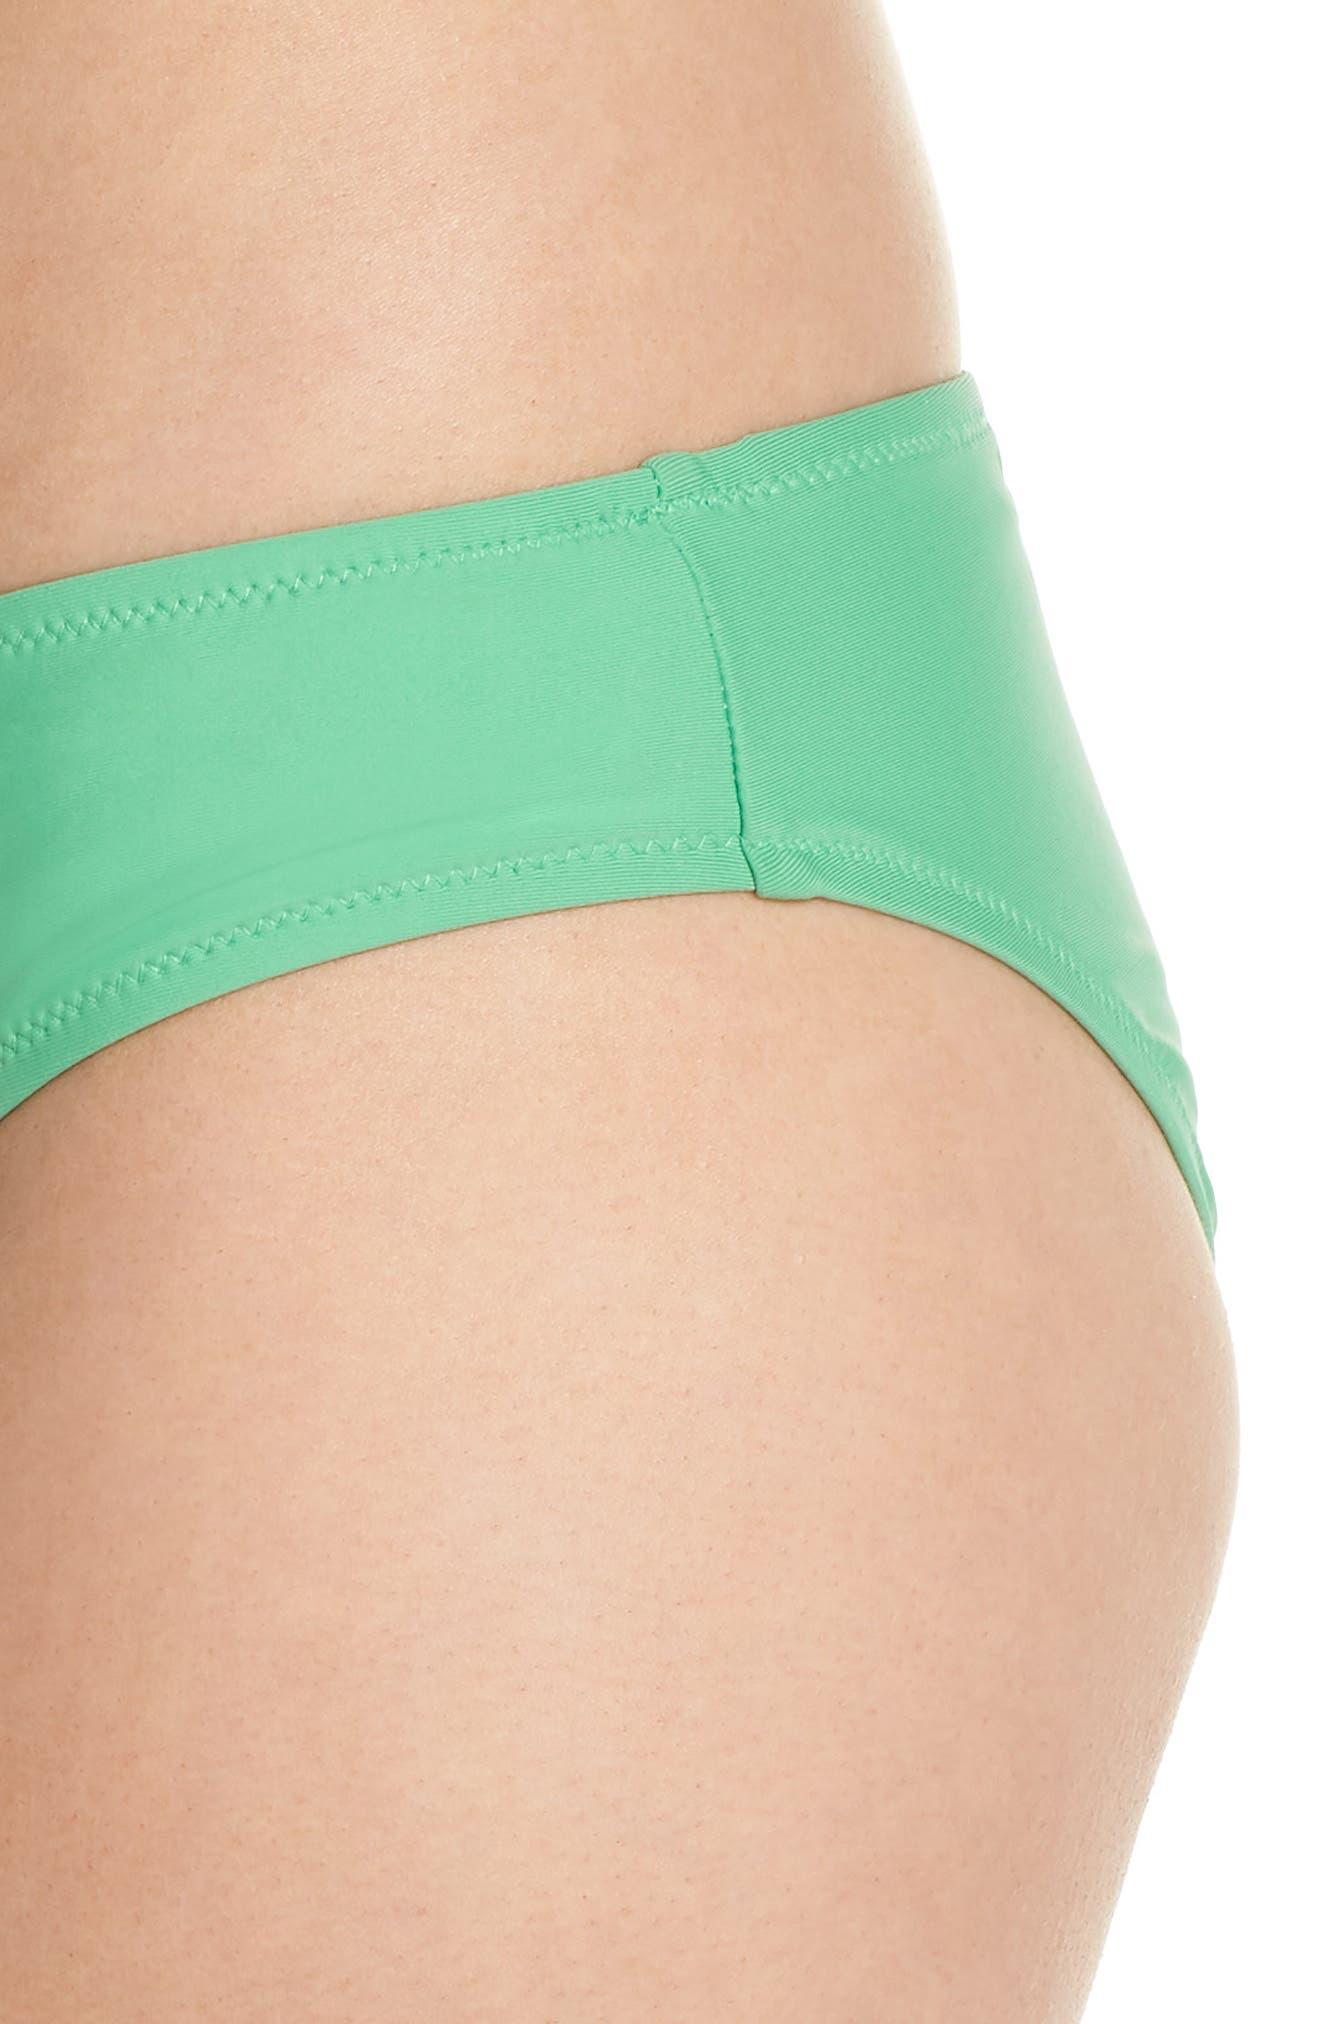 J.Crew Hipster Bikini Bottoms,                             Alternate thumbnail 4, color,                             Bright Spearmint